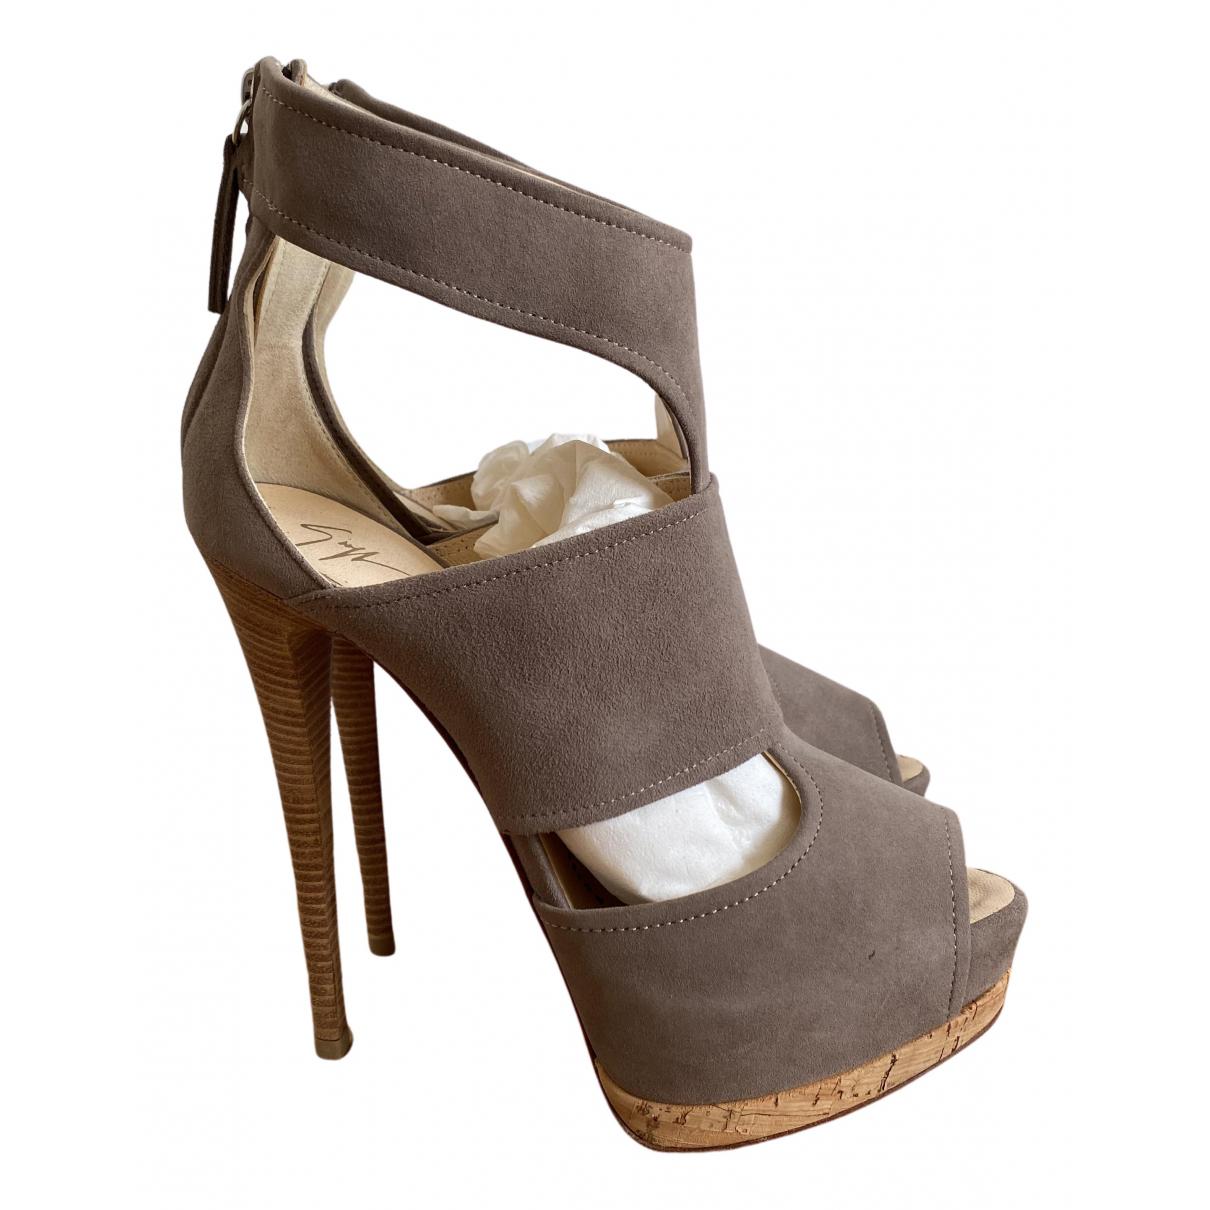 Giuseppe Zanotti N Beige Leather Heels for Women 37 EU